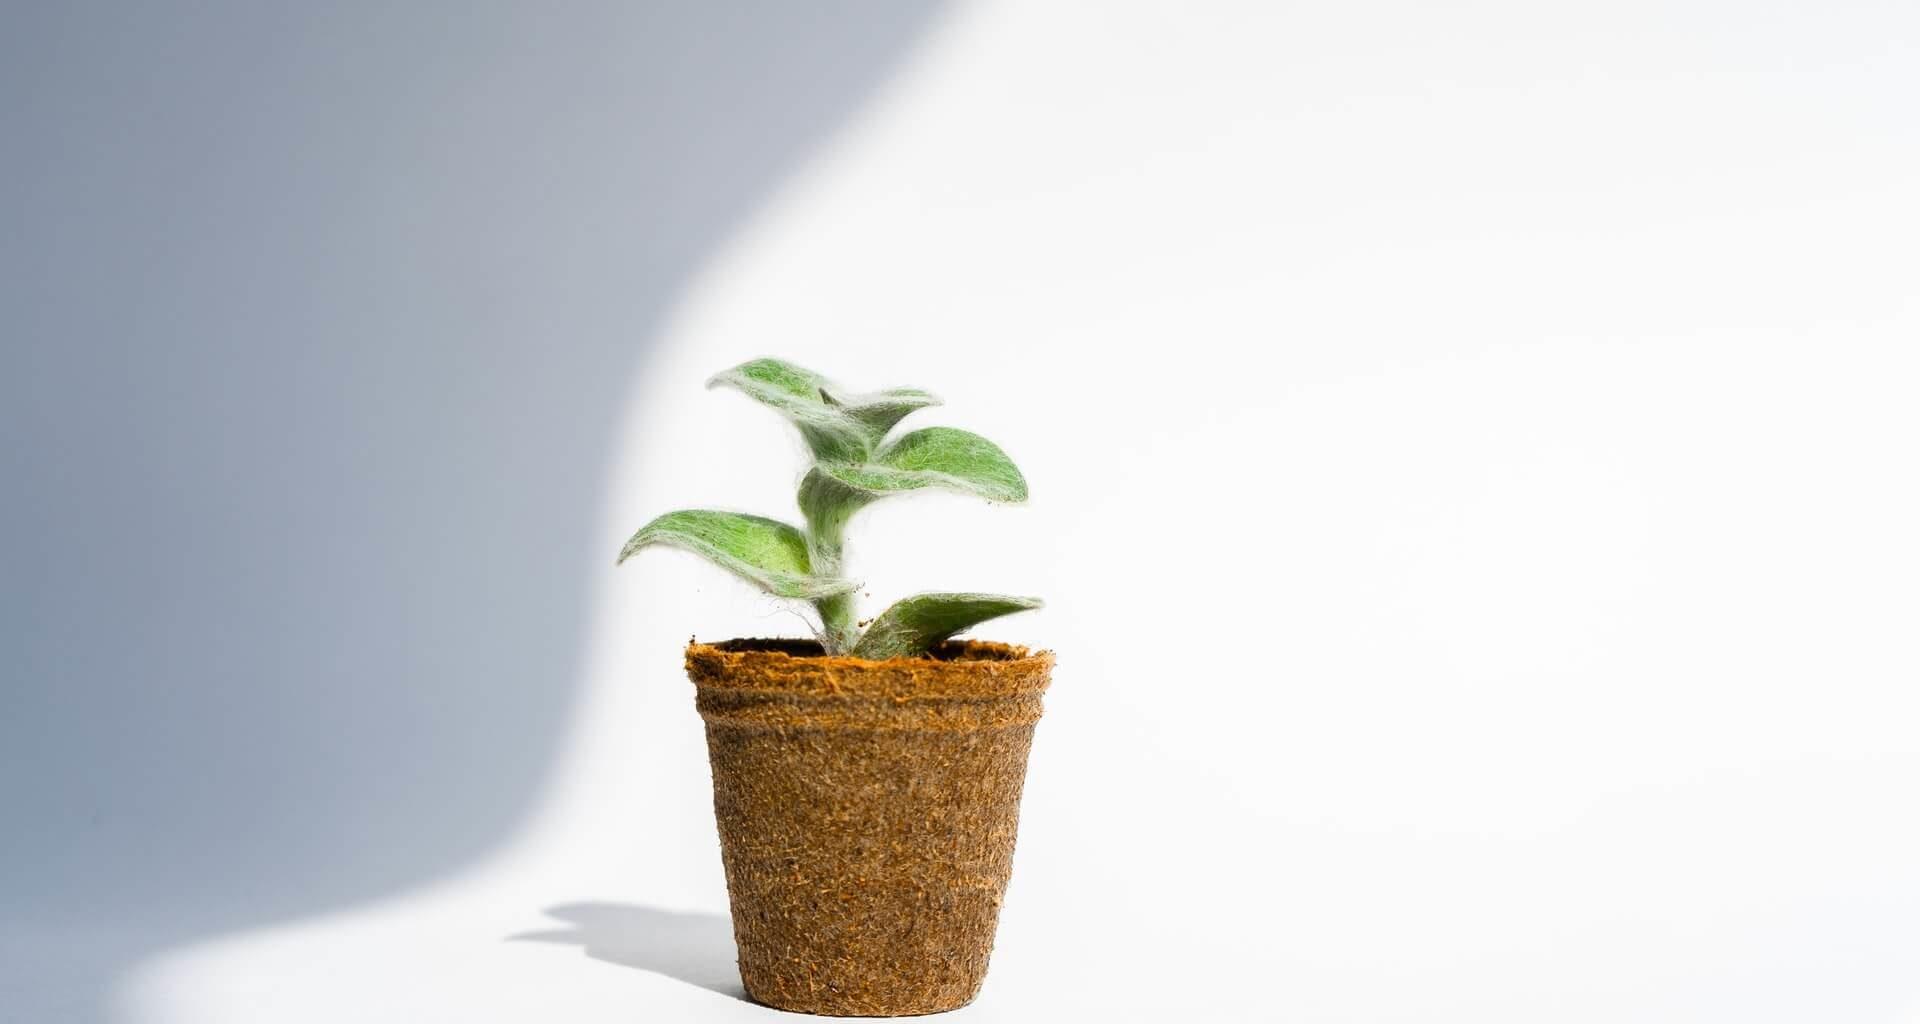 Planta en maceta para representar el concepto de sustentabilidad